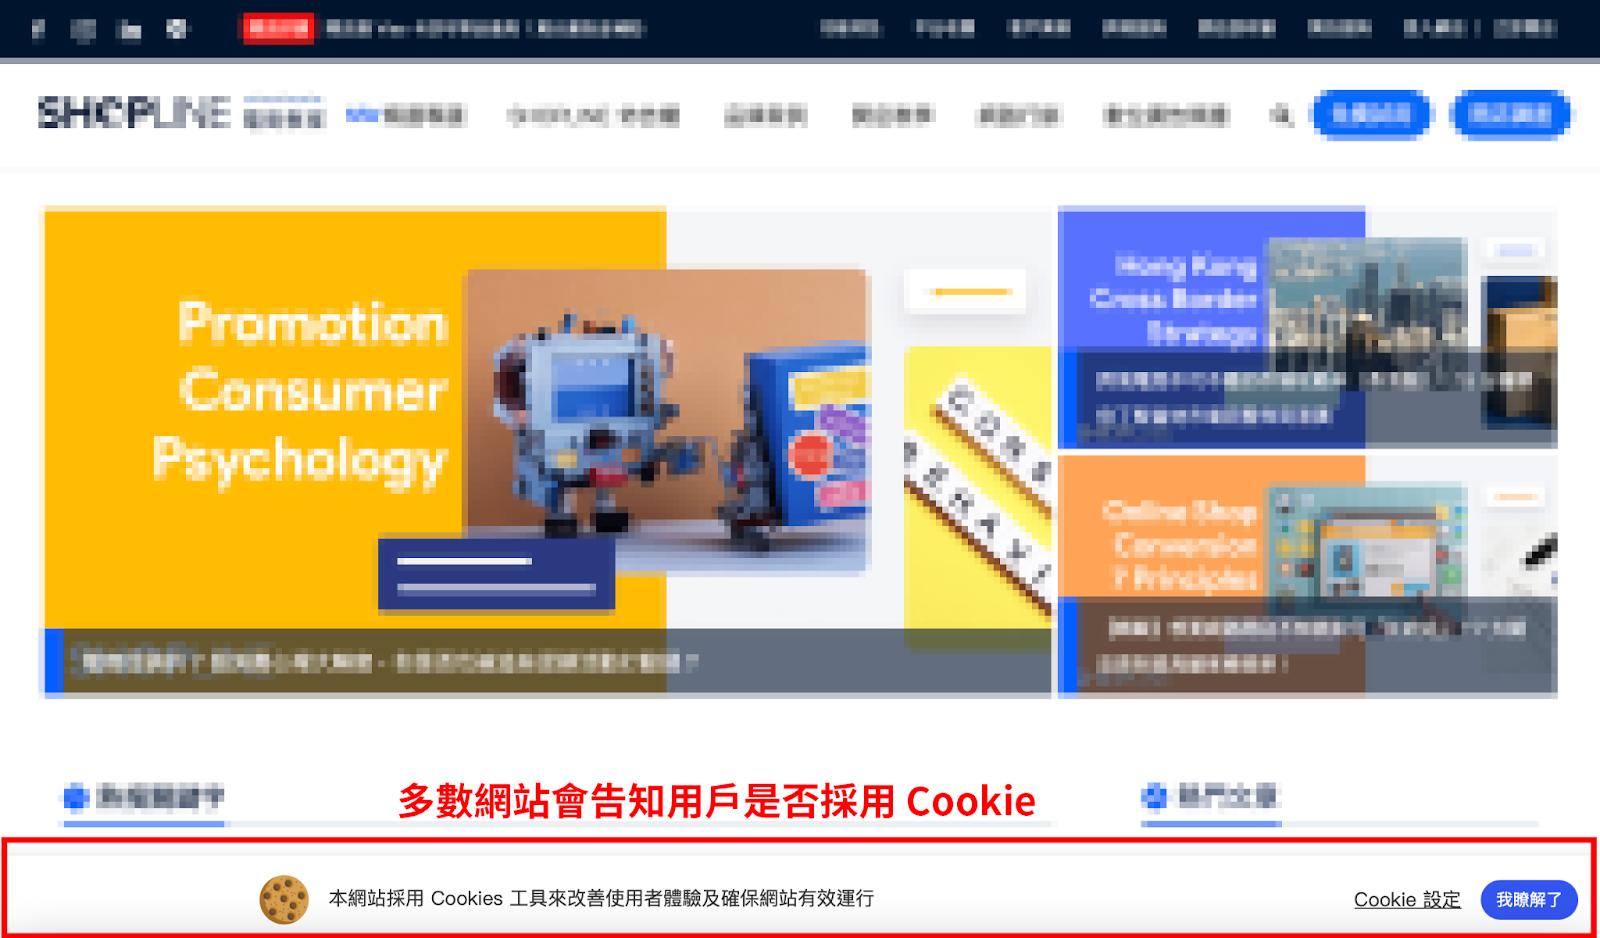 多數網站因為 GDPR 的原因而加入詢問用戶是否接受 Cookie 的訊息